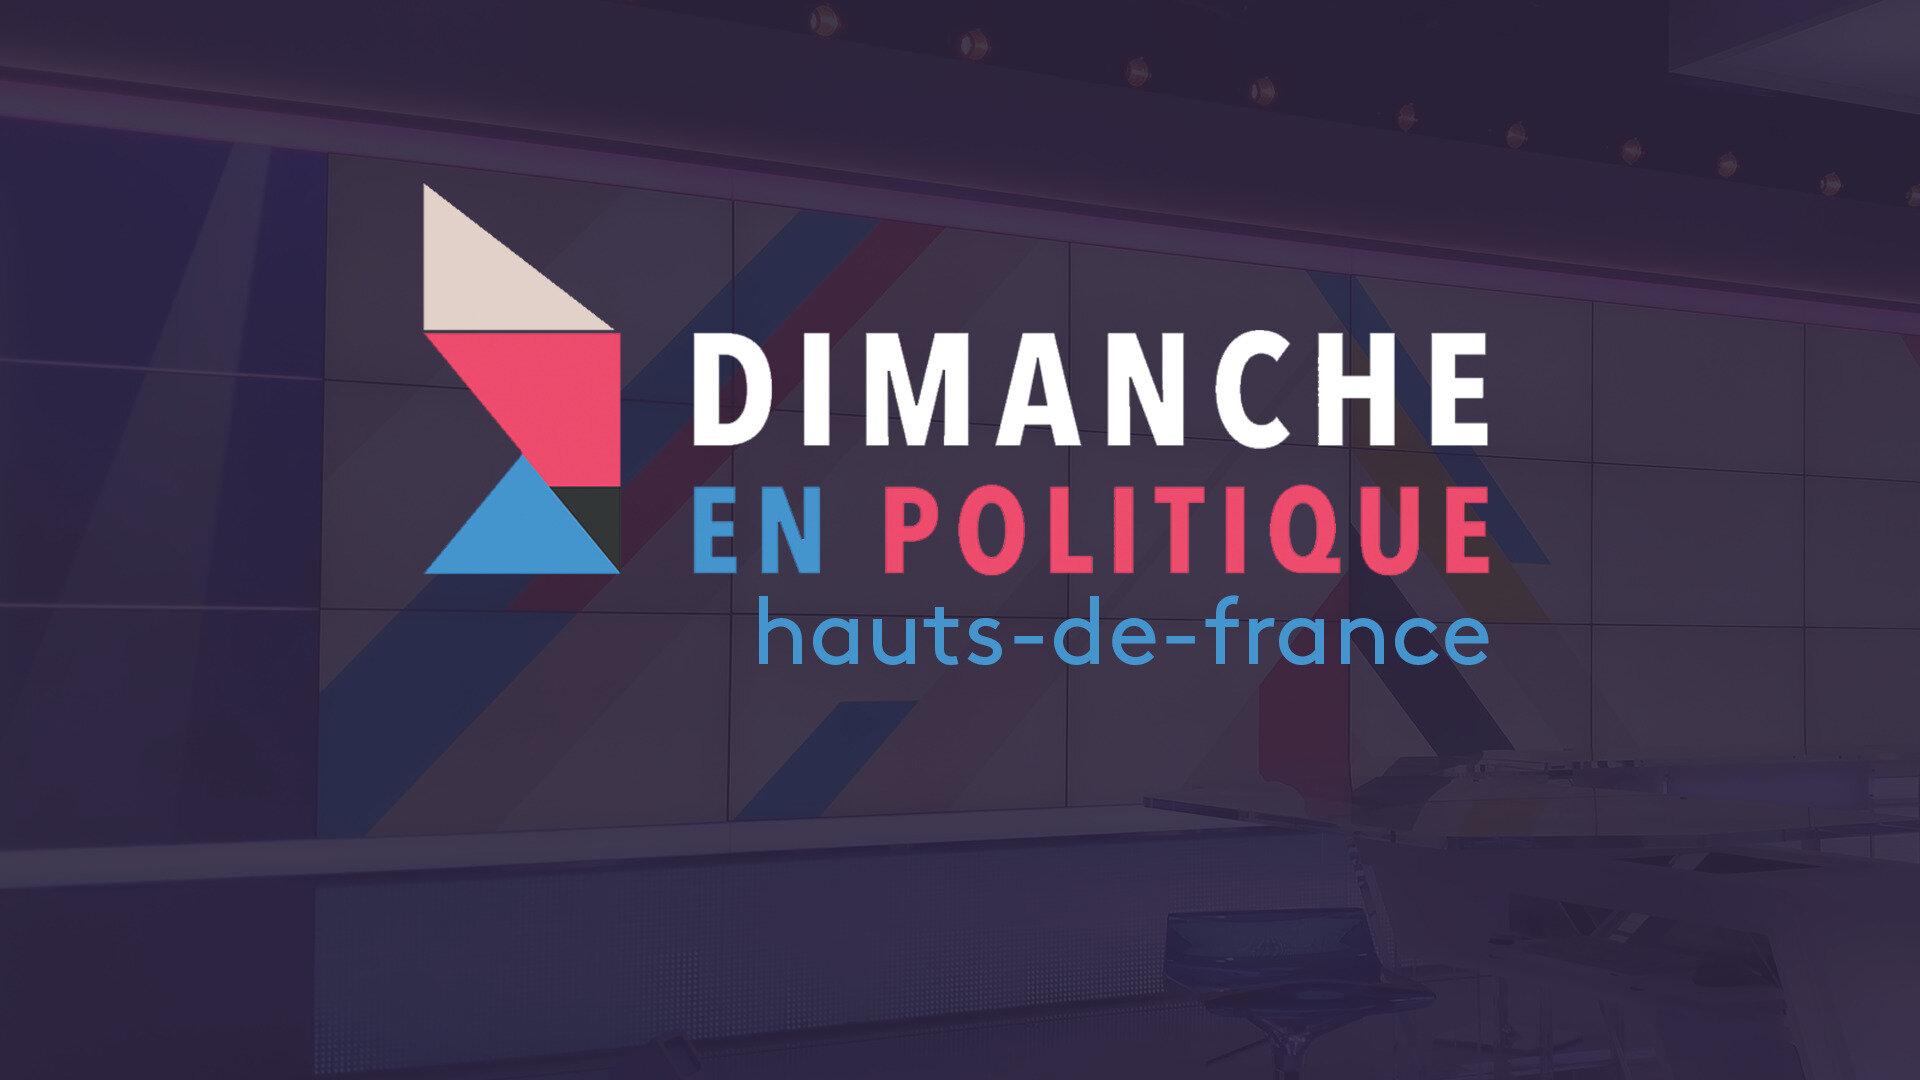 Dimanche en politique - Hauts-de-France : le point sur la crise sanitaire